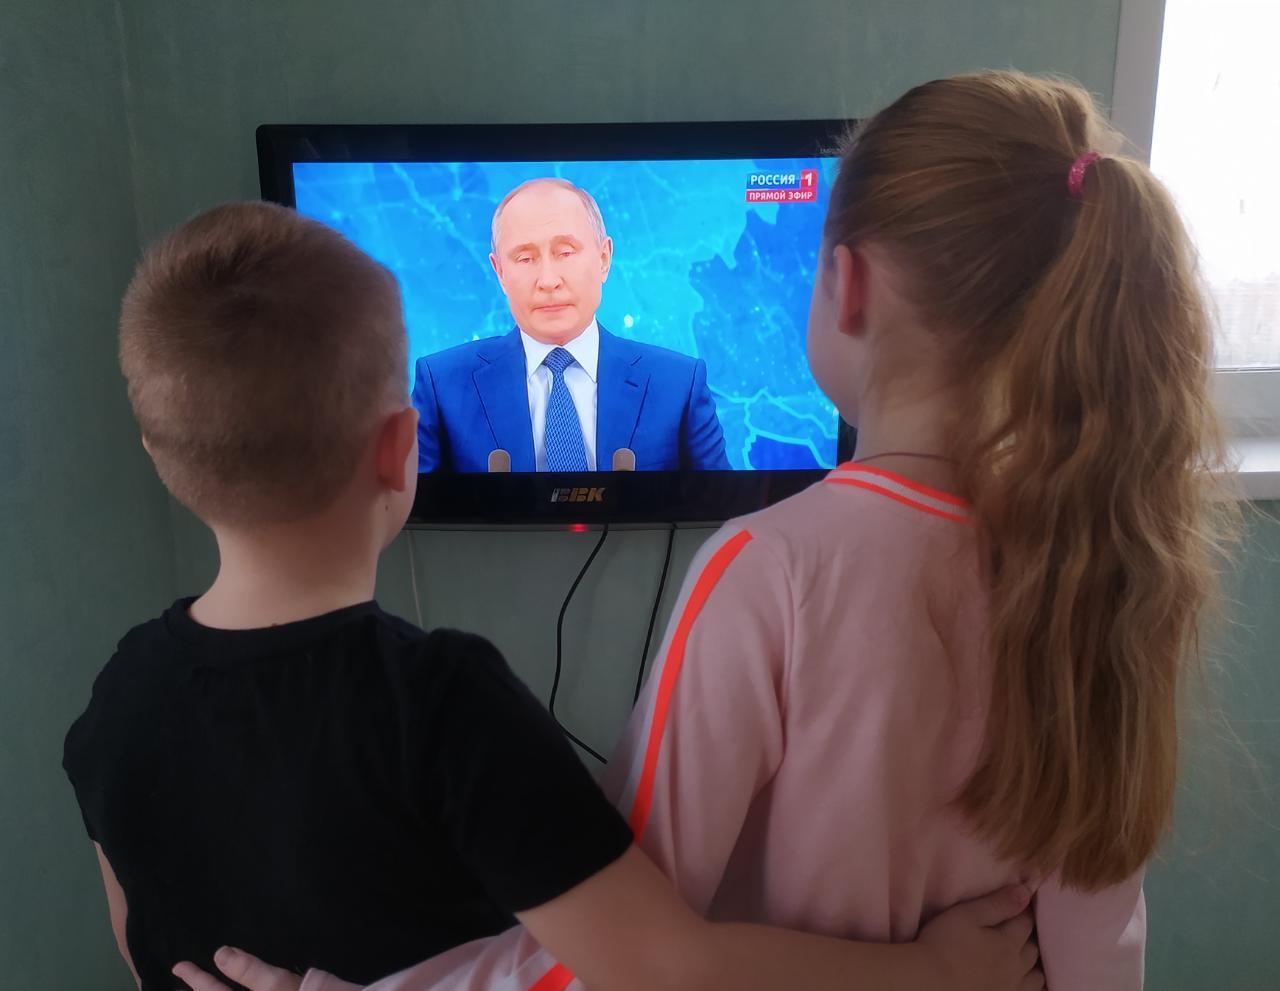 Фото Путин на экране: как котики, депутаты и дольщики в Новосибирске смотрят большую пресс-конференцию президента 14